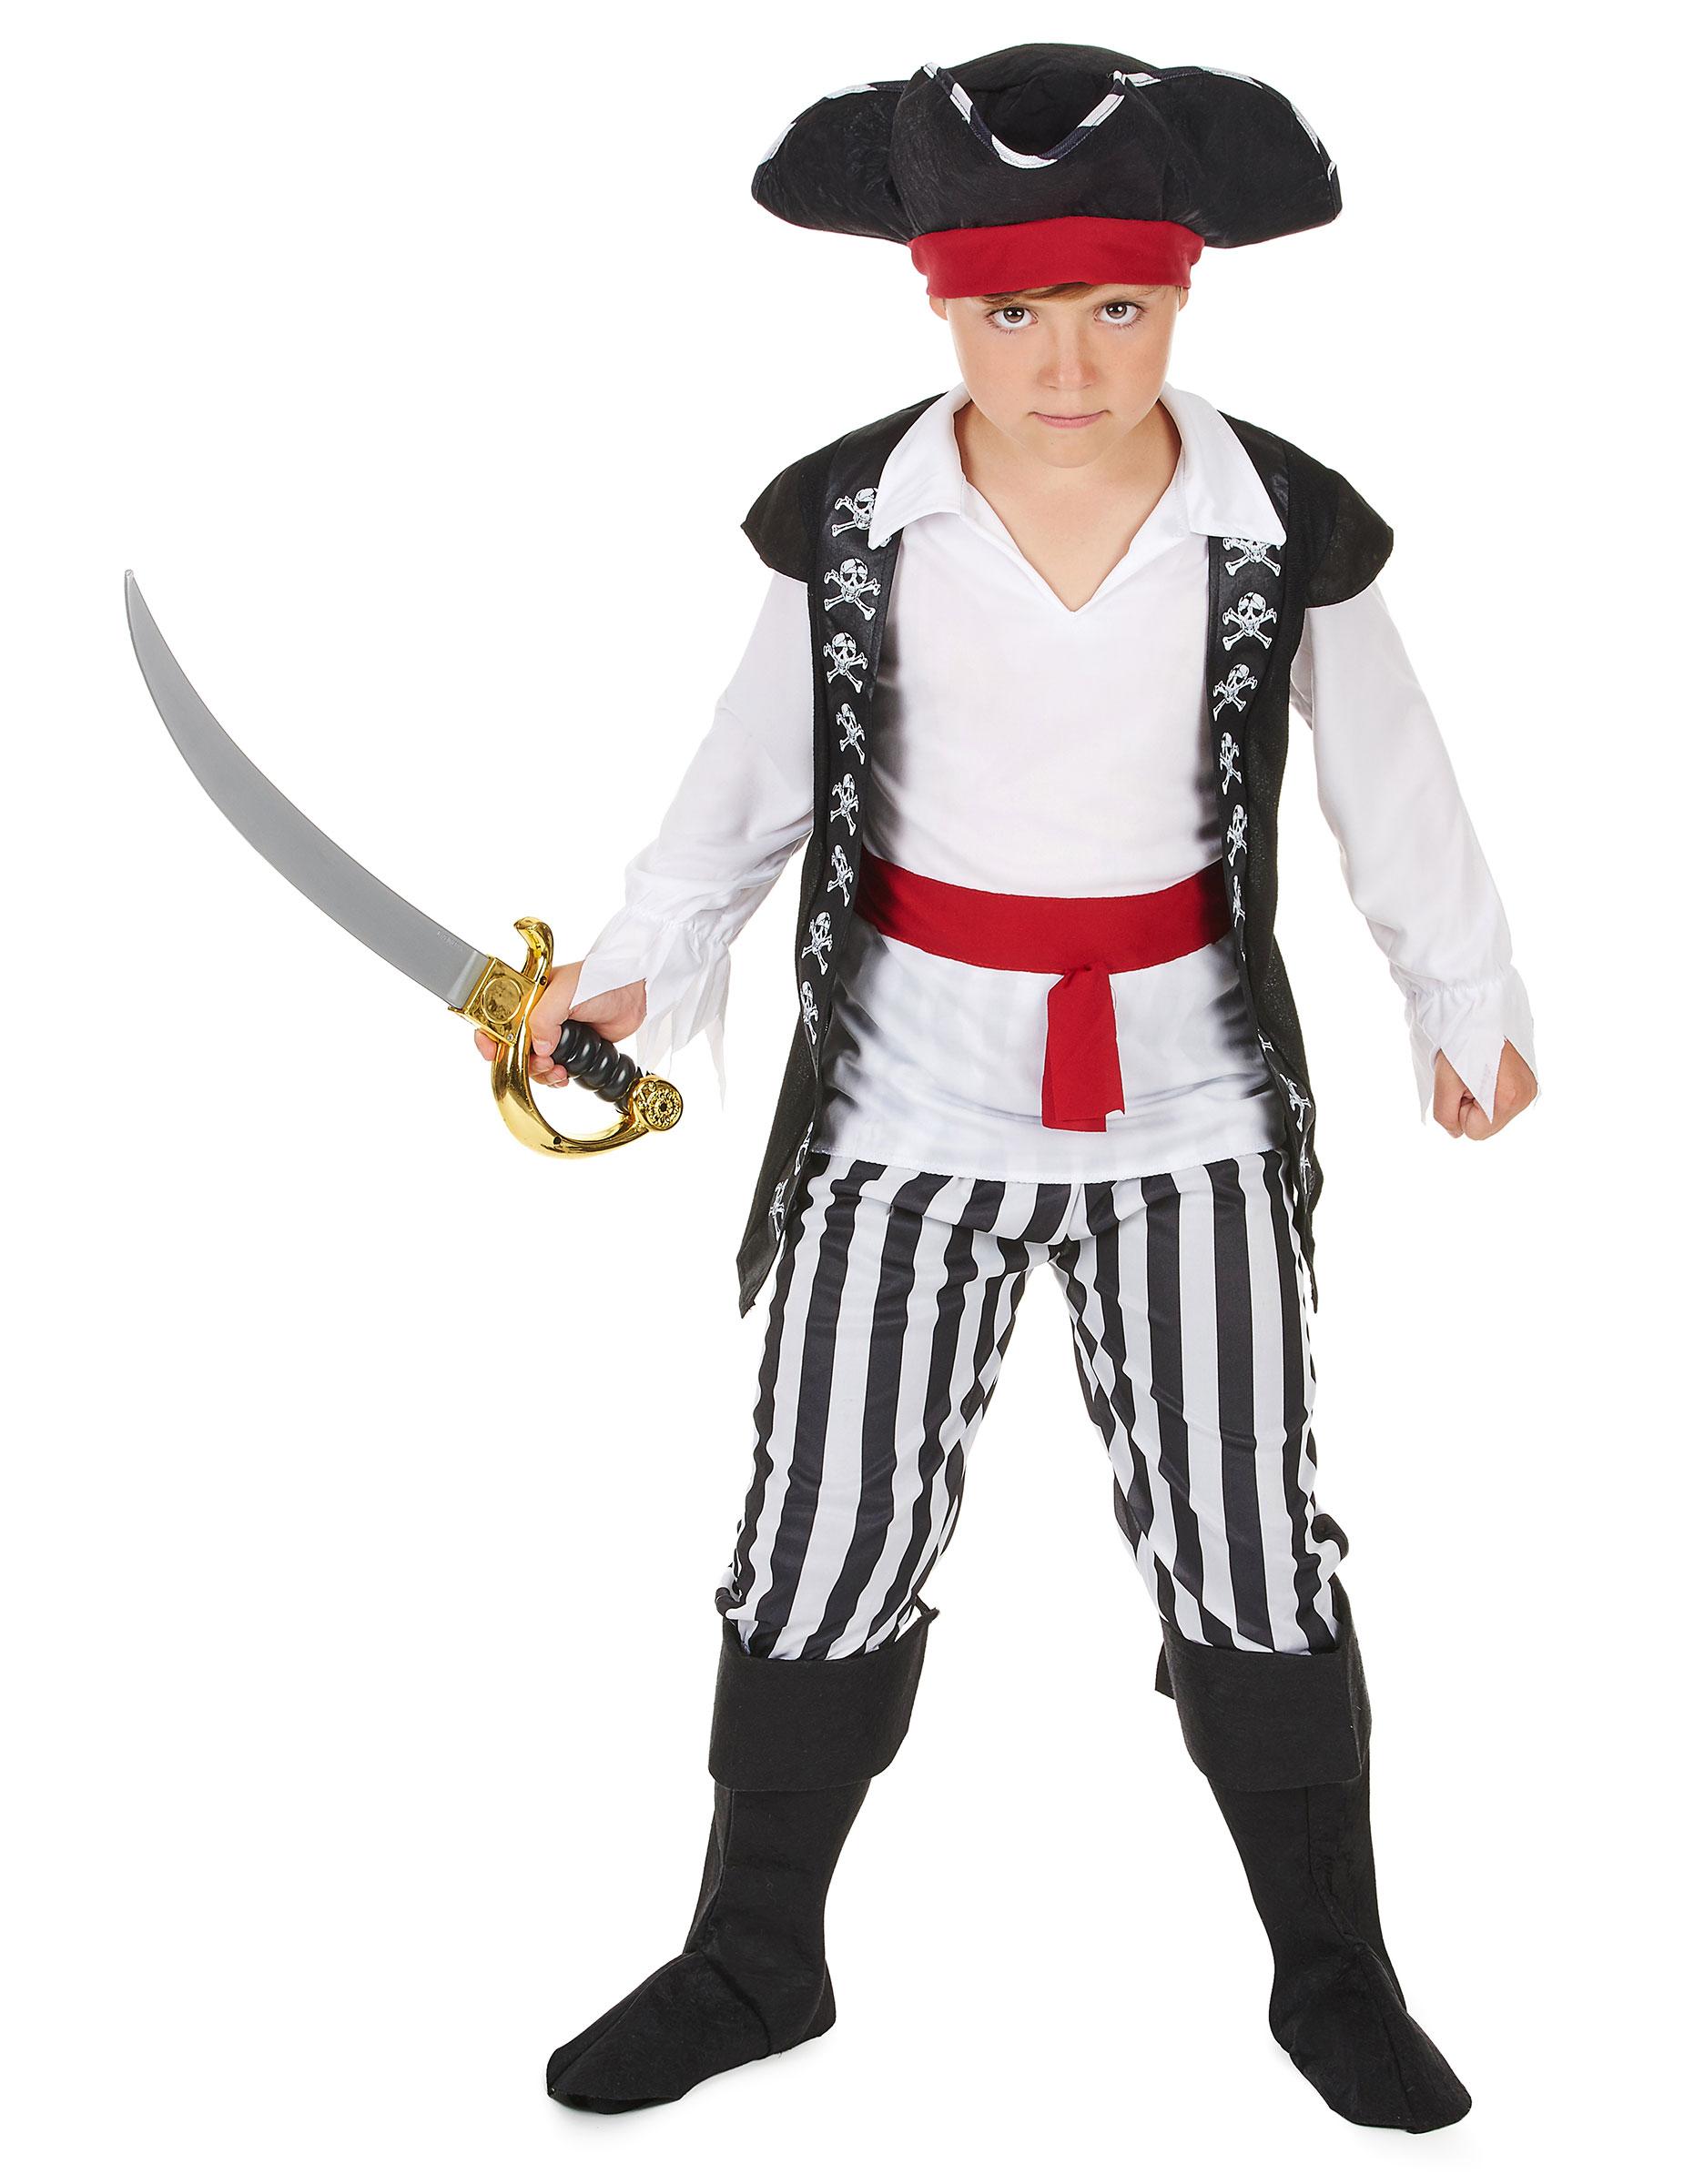 costume de pirate garçon